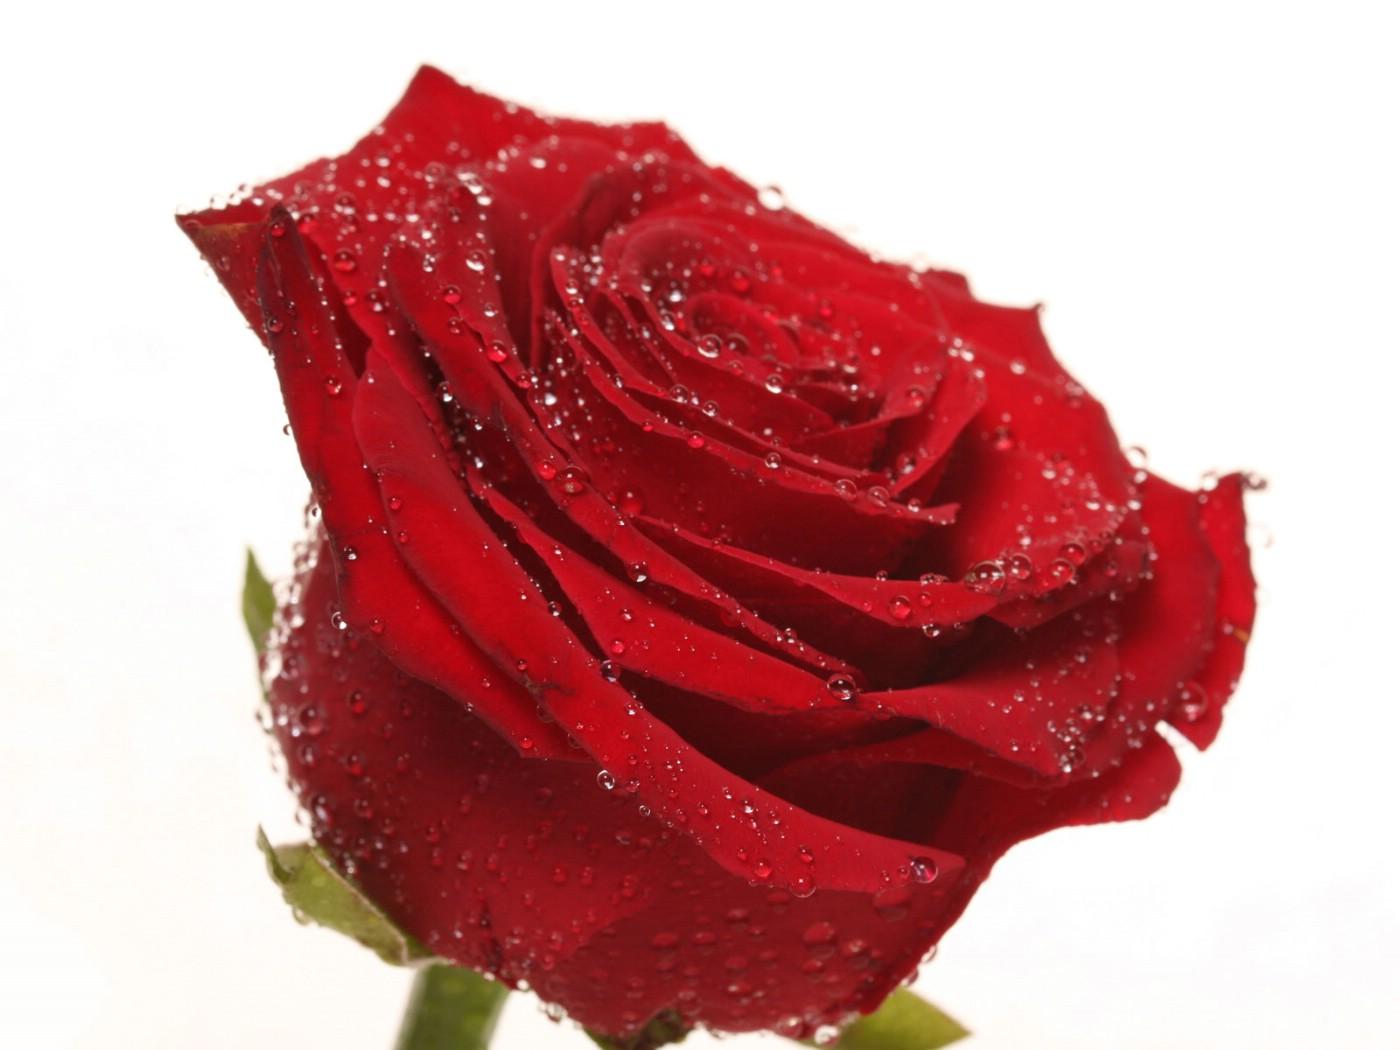 壁纸1400×1050玫瑰写真 6 11壁纸 玫瑰写真壁纸图片花卉壁纸花卉图片素材桌面壁纸